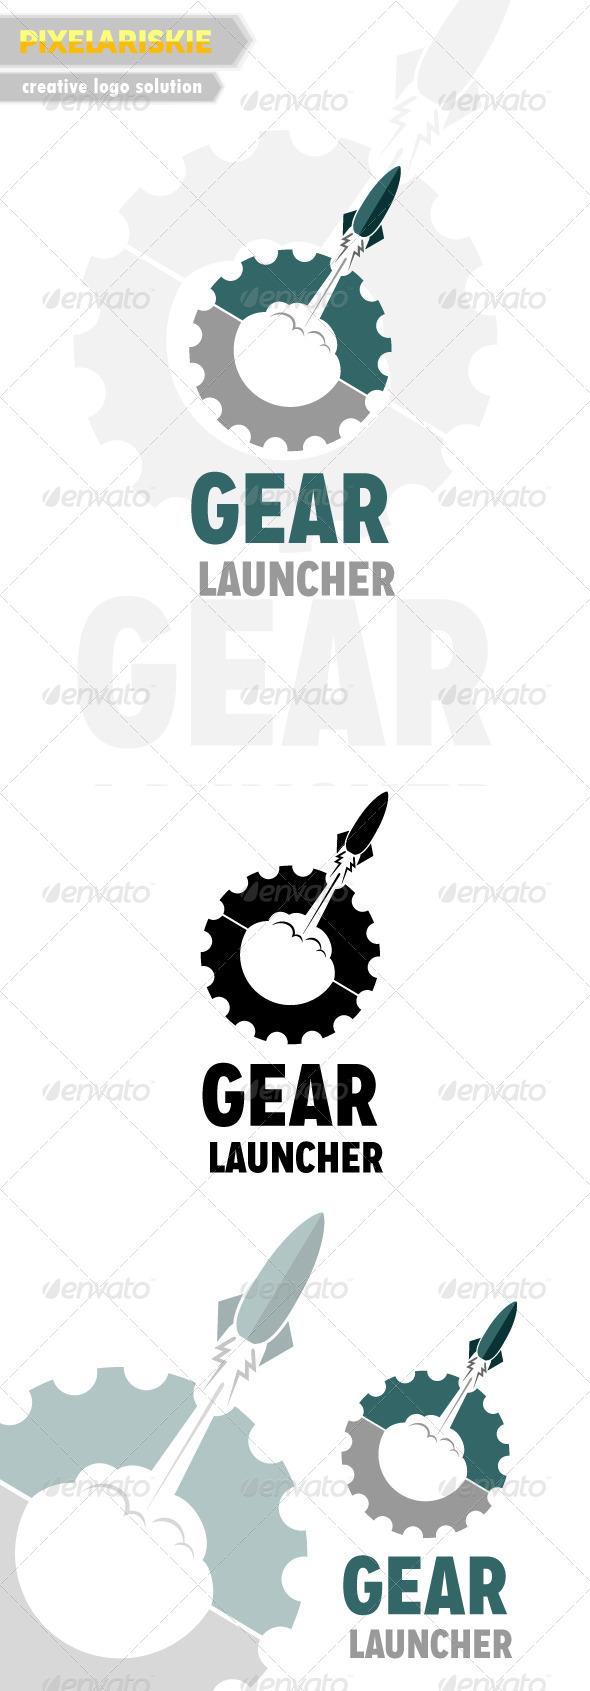 Gear Launcher Logo